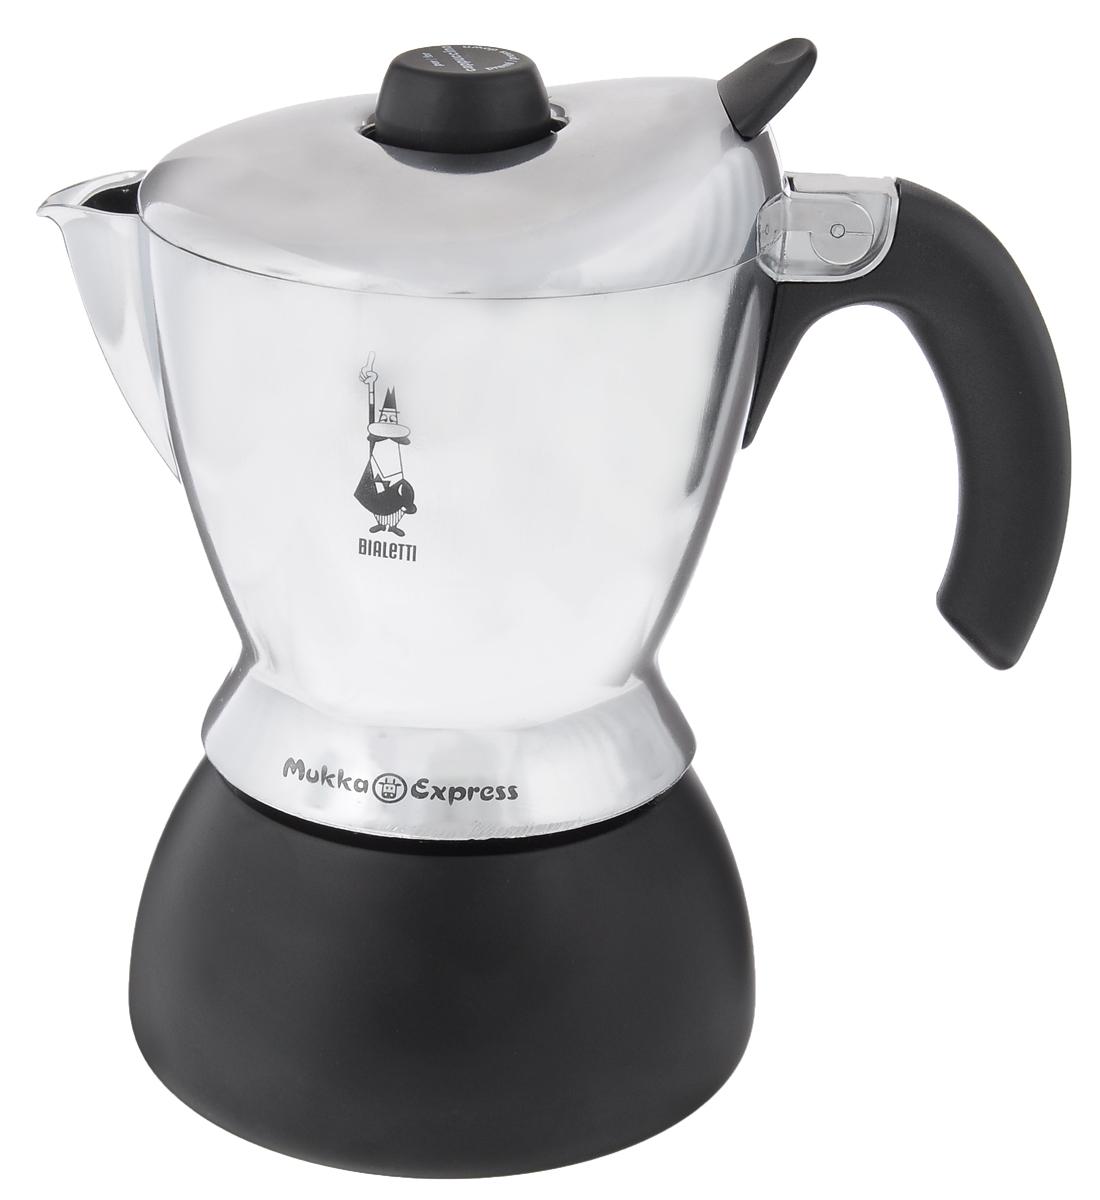 Кофеварка гейзерная Bialetti Mukka GG 2, на 2 чашки3438Компактная гейзерная кофеварка Bialetti Mukka GG 2 изготовлена из высококачественного алюминия и стали. Объема кофе хватает на 2 чашки. Изделие оснащено удобной ручкой из бакелита.Принцип работы такой гейзерной кофеварки - кофе заваривается путем многократного прохождения горячей воды или пара через слой молотого кофе. Удобство кофеварки в том, что вся кофейная гуща остается во внутренней емкости. Гейзерные кофеварки пользуются большой популярностью благодаря изысканному аромату. Кофе получается крепкий и насыщенный. Теперь и дома вы сможете насладиться великолепным эспрессо. Подходит для газовых, электрических и стеклокерамических плит. Нельзя мыть в посудомоечной машине. В комплекте диск с видеоинструкцией.Высота (с учетом крышки): 21 см.